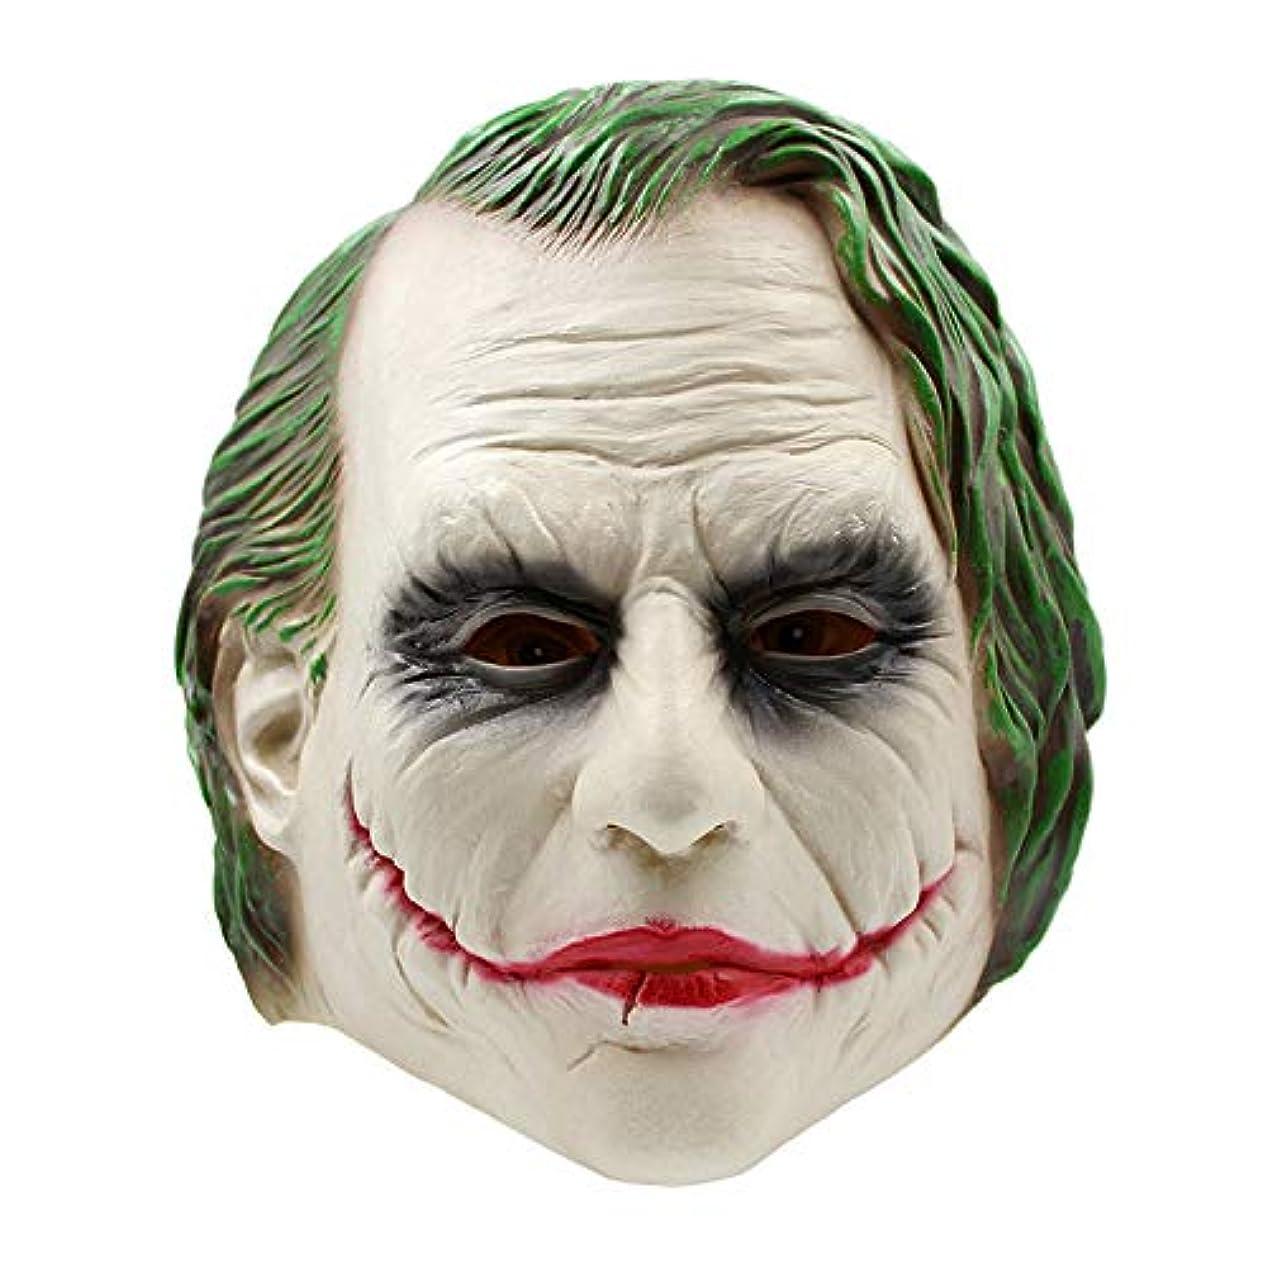 引っ張る有利梨ハロウィーンピエロマスクラテックスヘッドカバーダークナイトマスク